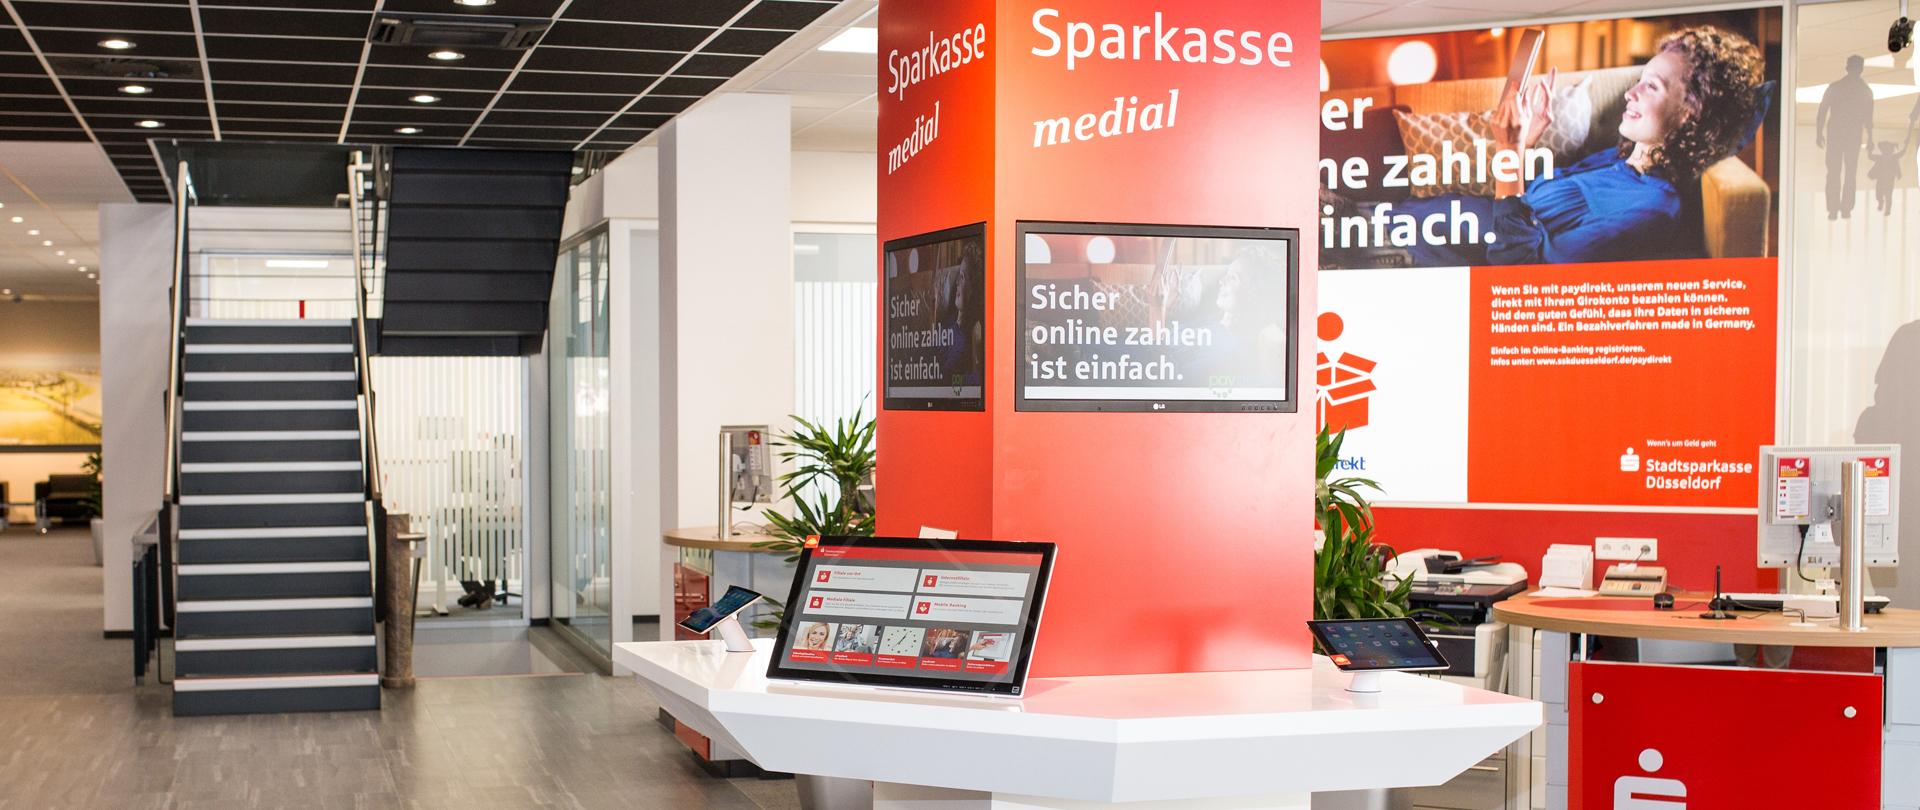 Digital Signage für Sparkssen